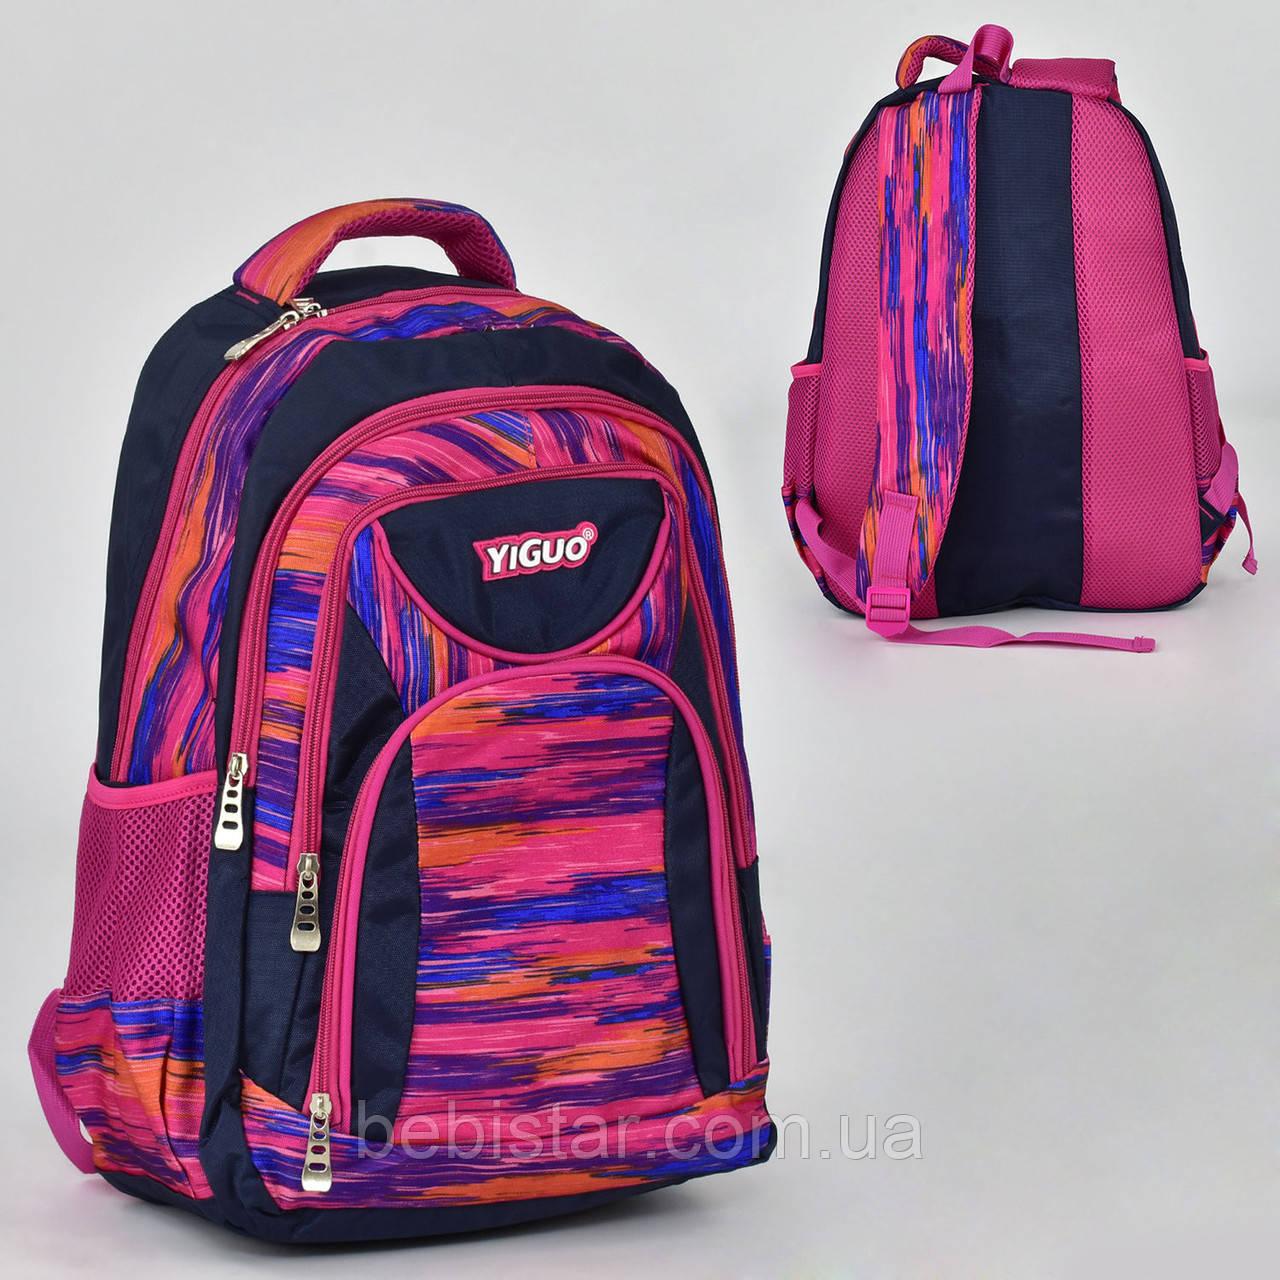 Шкільний рюкзак 4 кишені для дівчинки